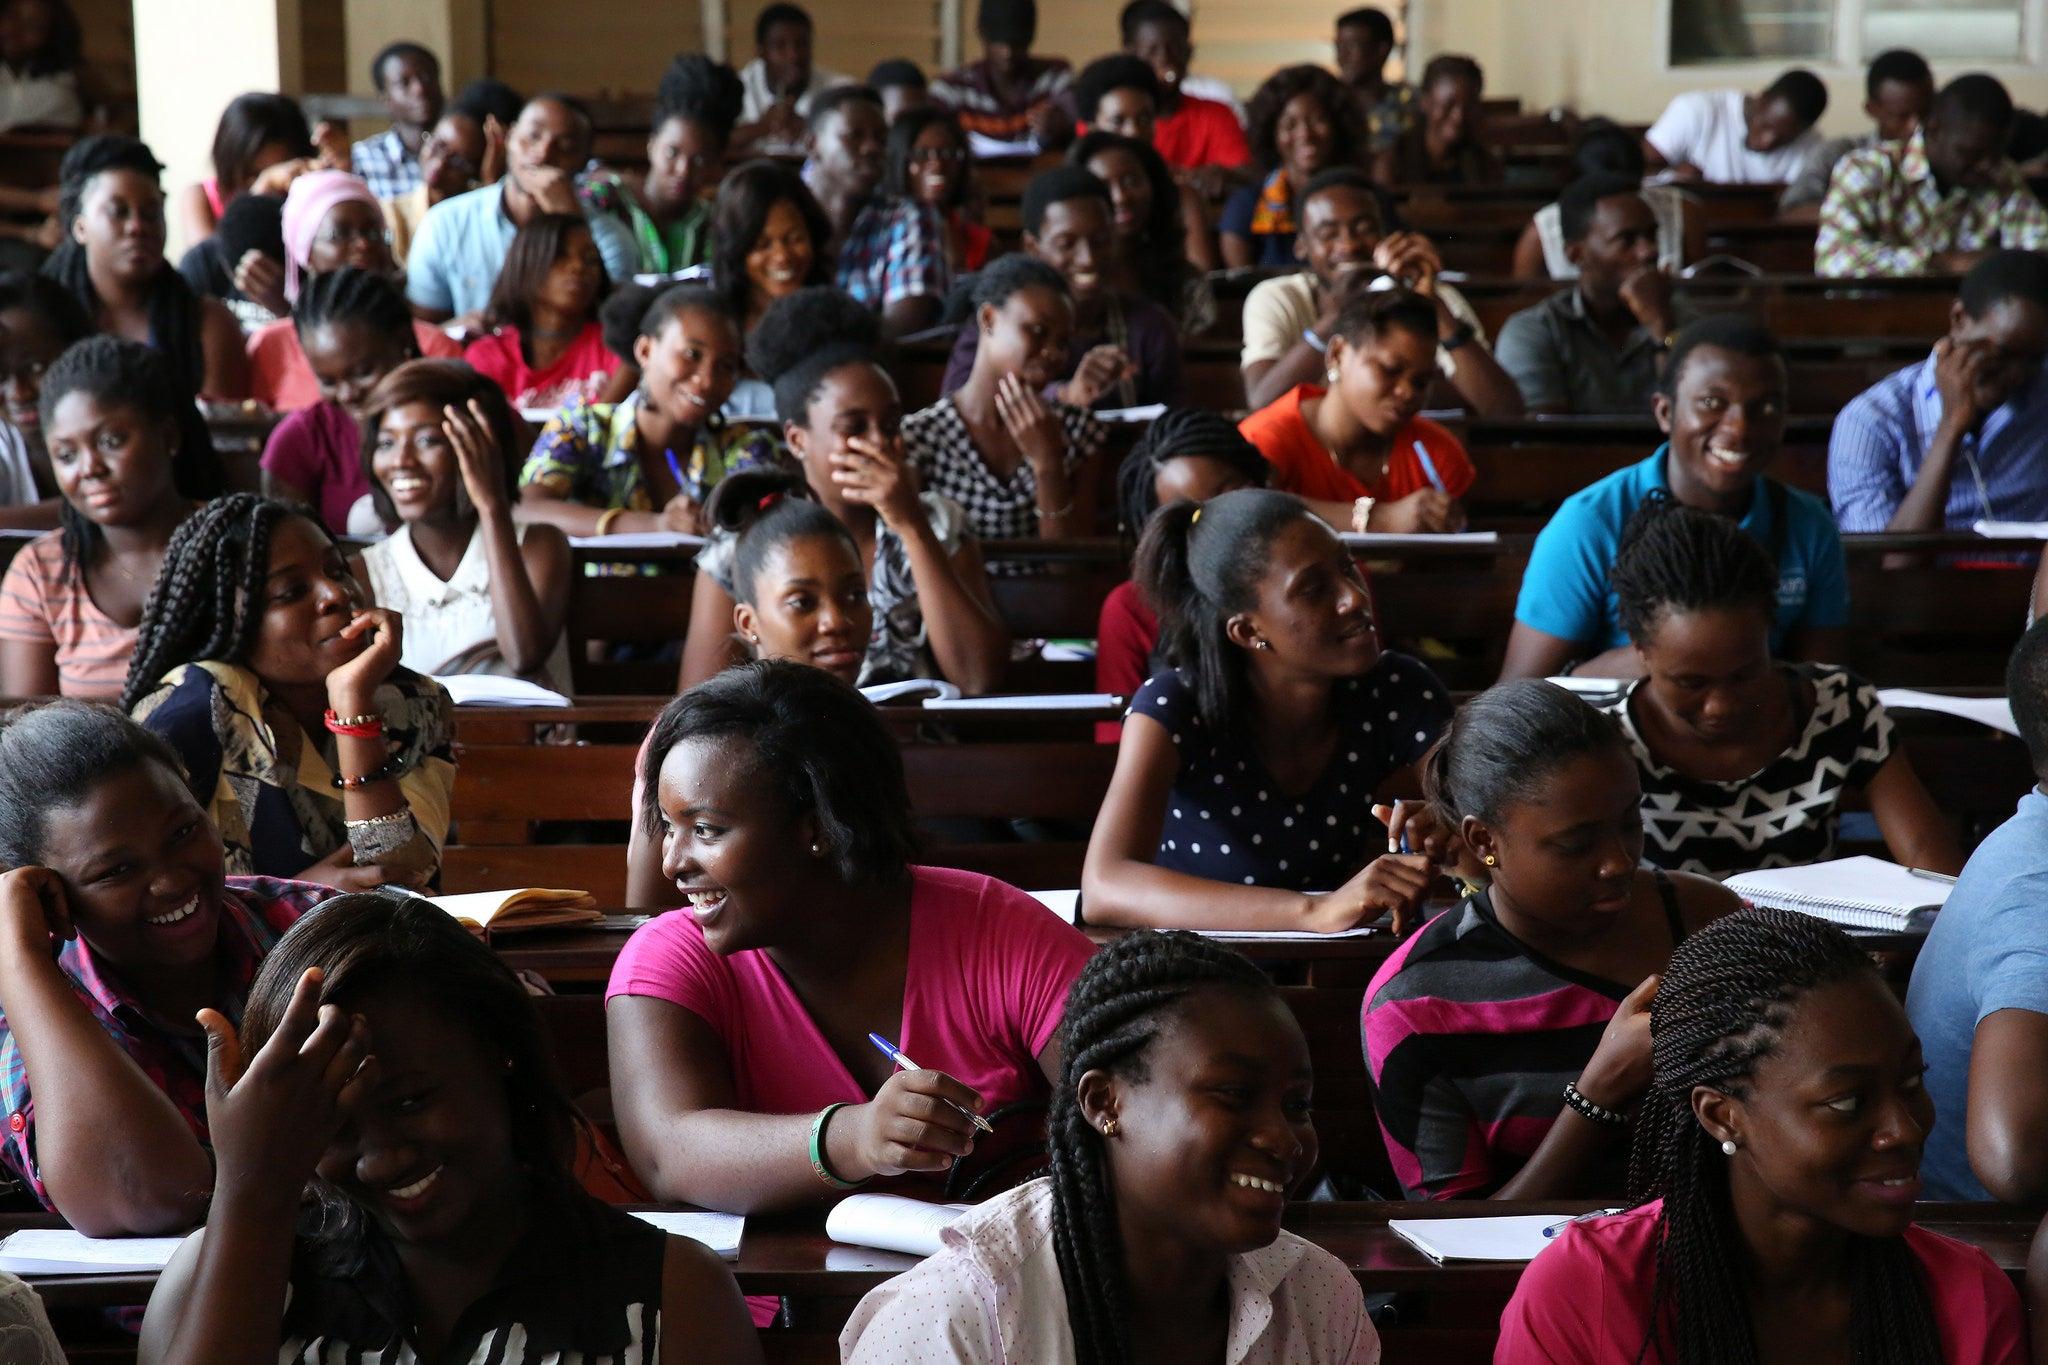 drink-african-school-teens-puerto-chubby